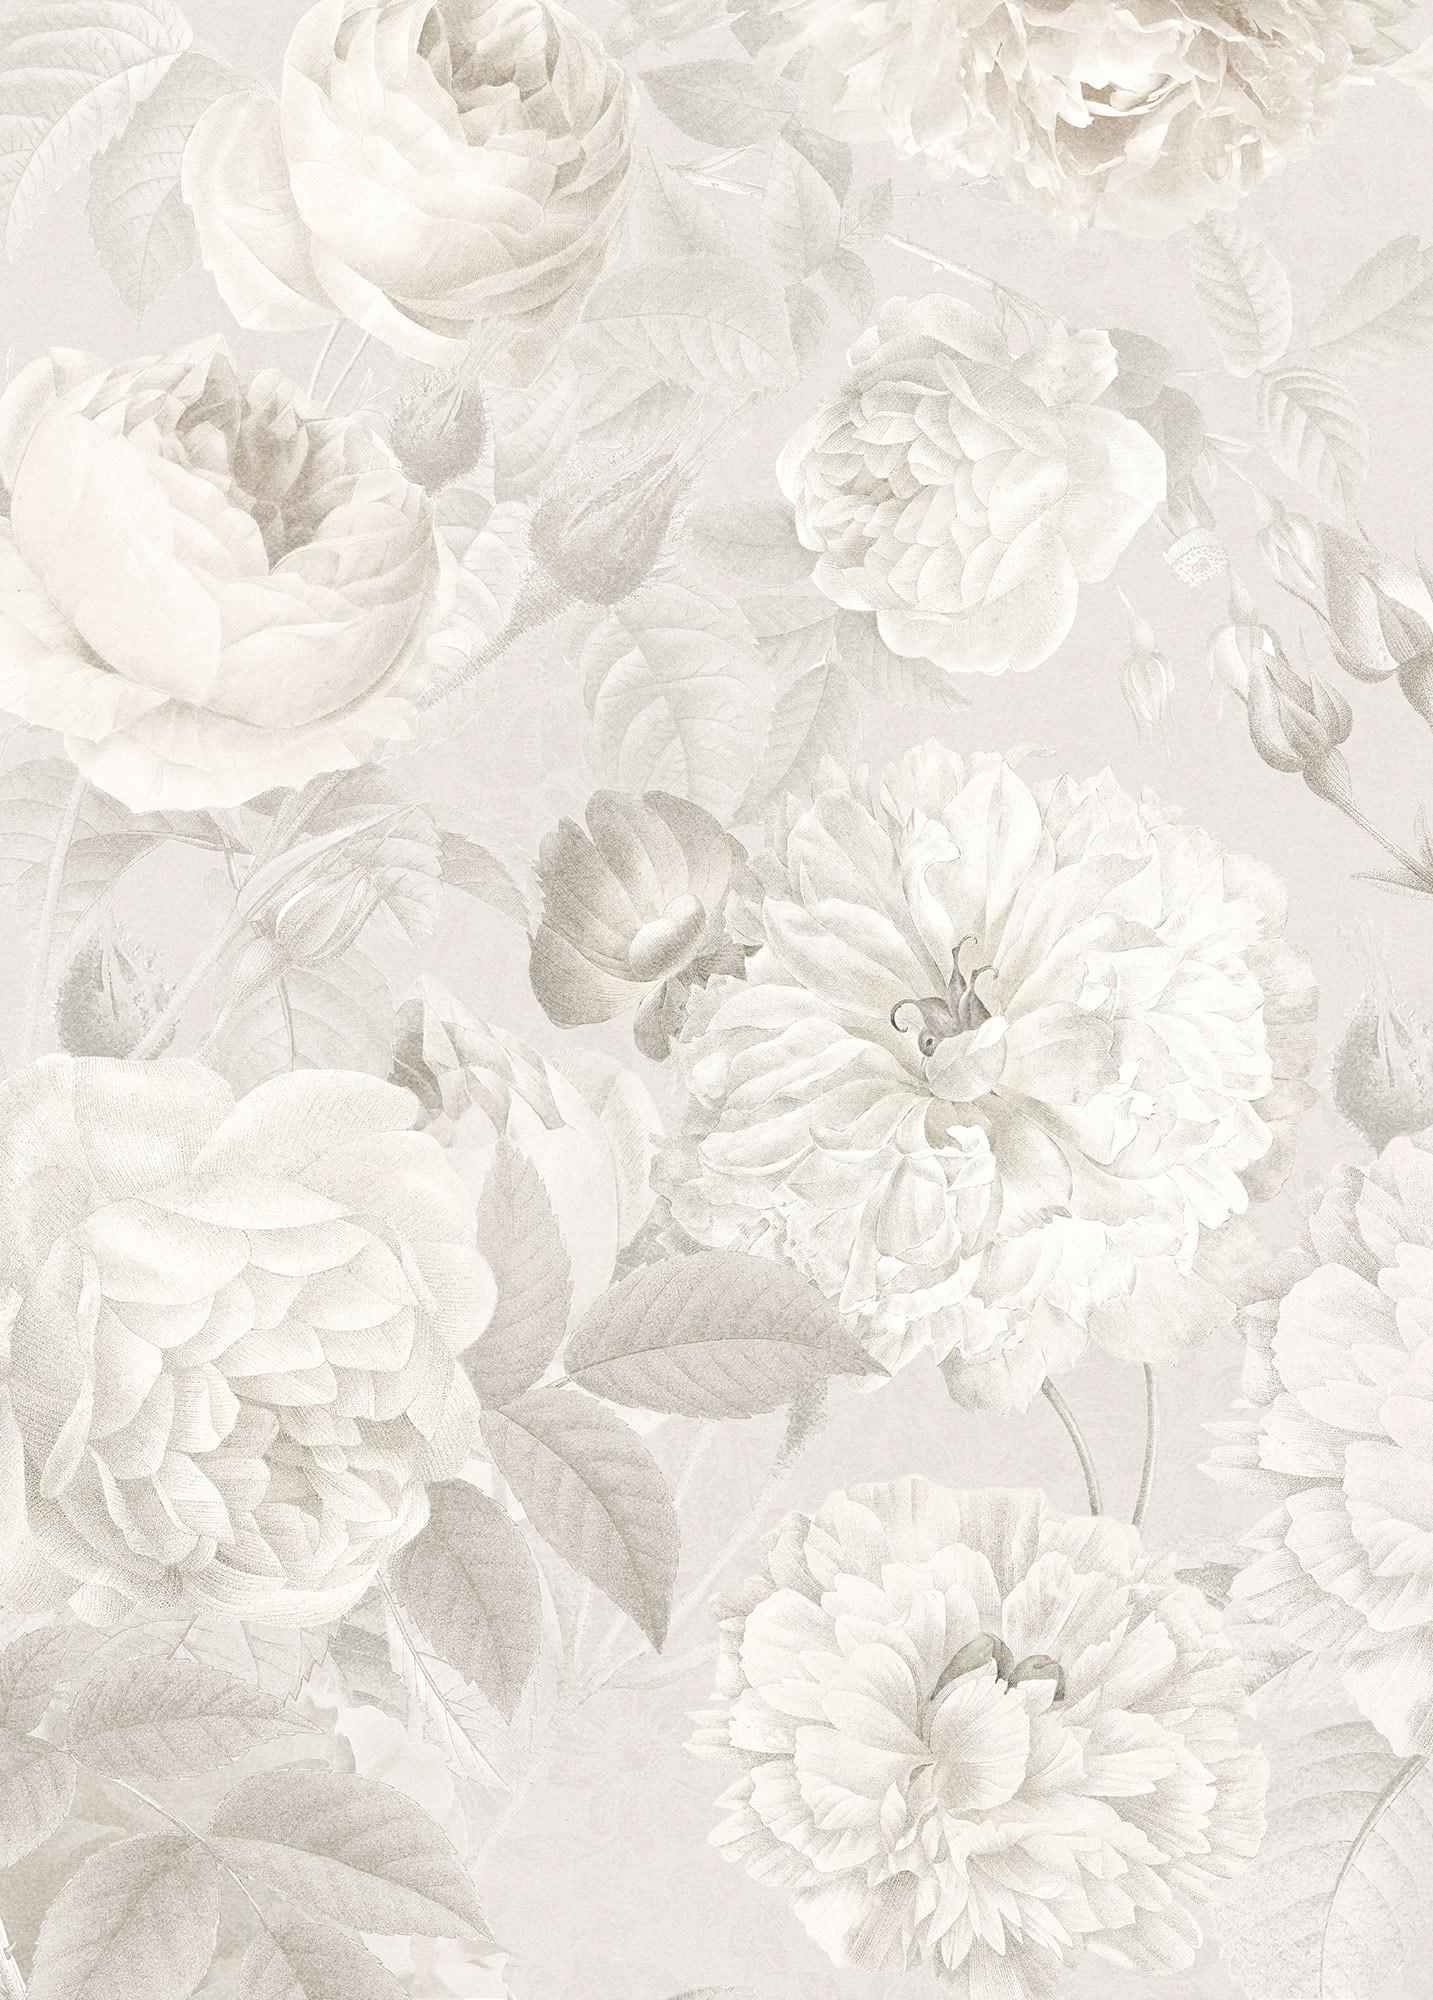 Szürke fehér virágok fali poszter